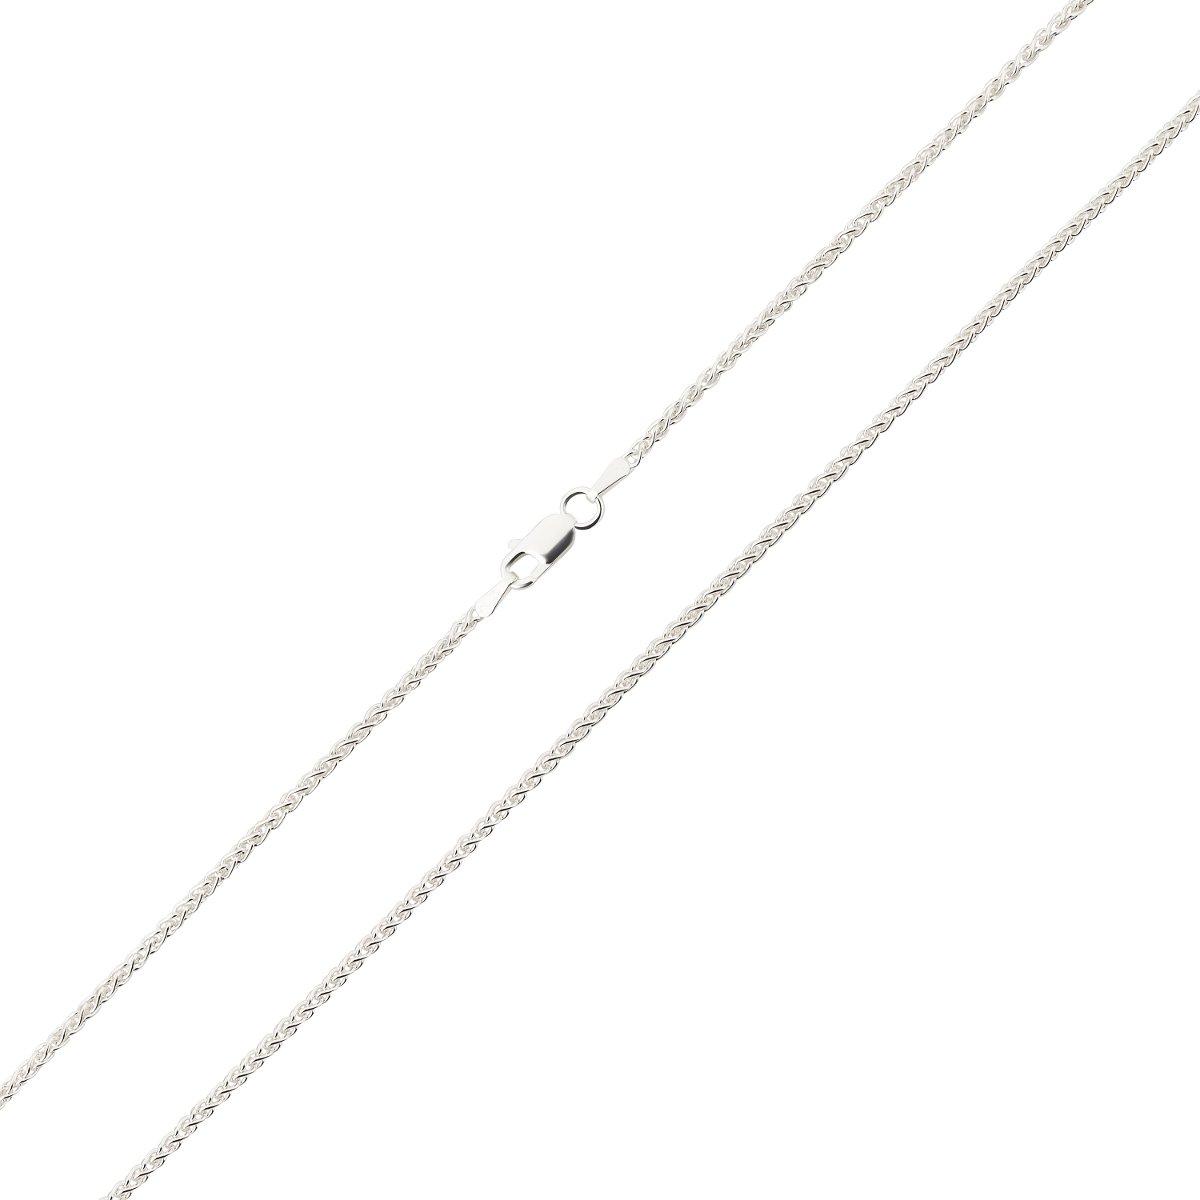 Silberkette Zopfkette Seilkette Halskette Bindeglied Kette 925 Silber 2mm